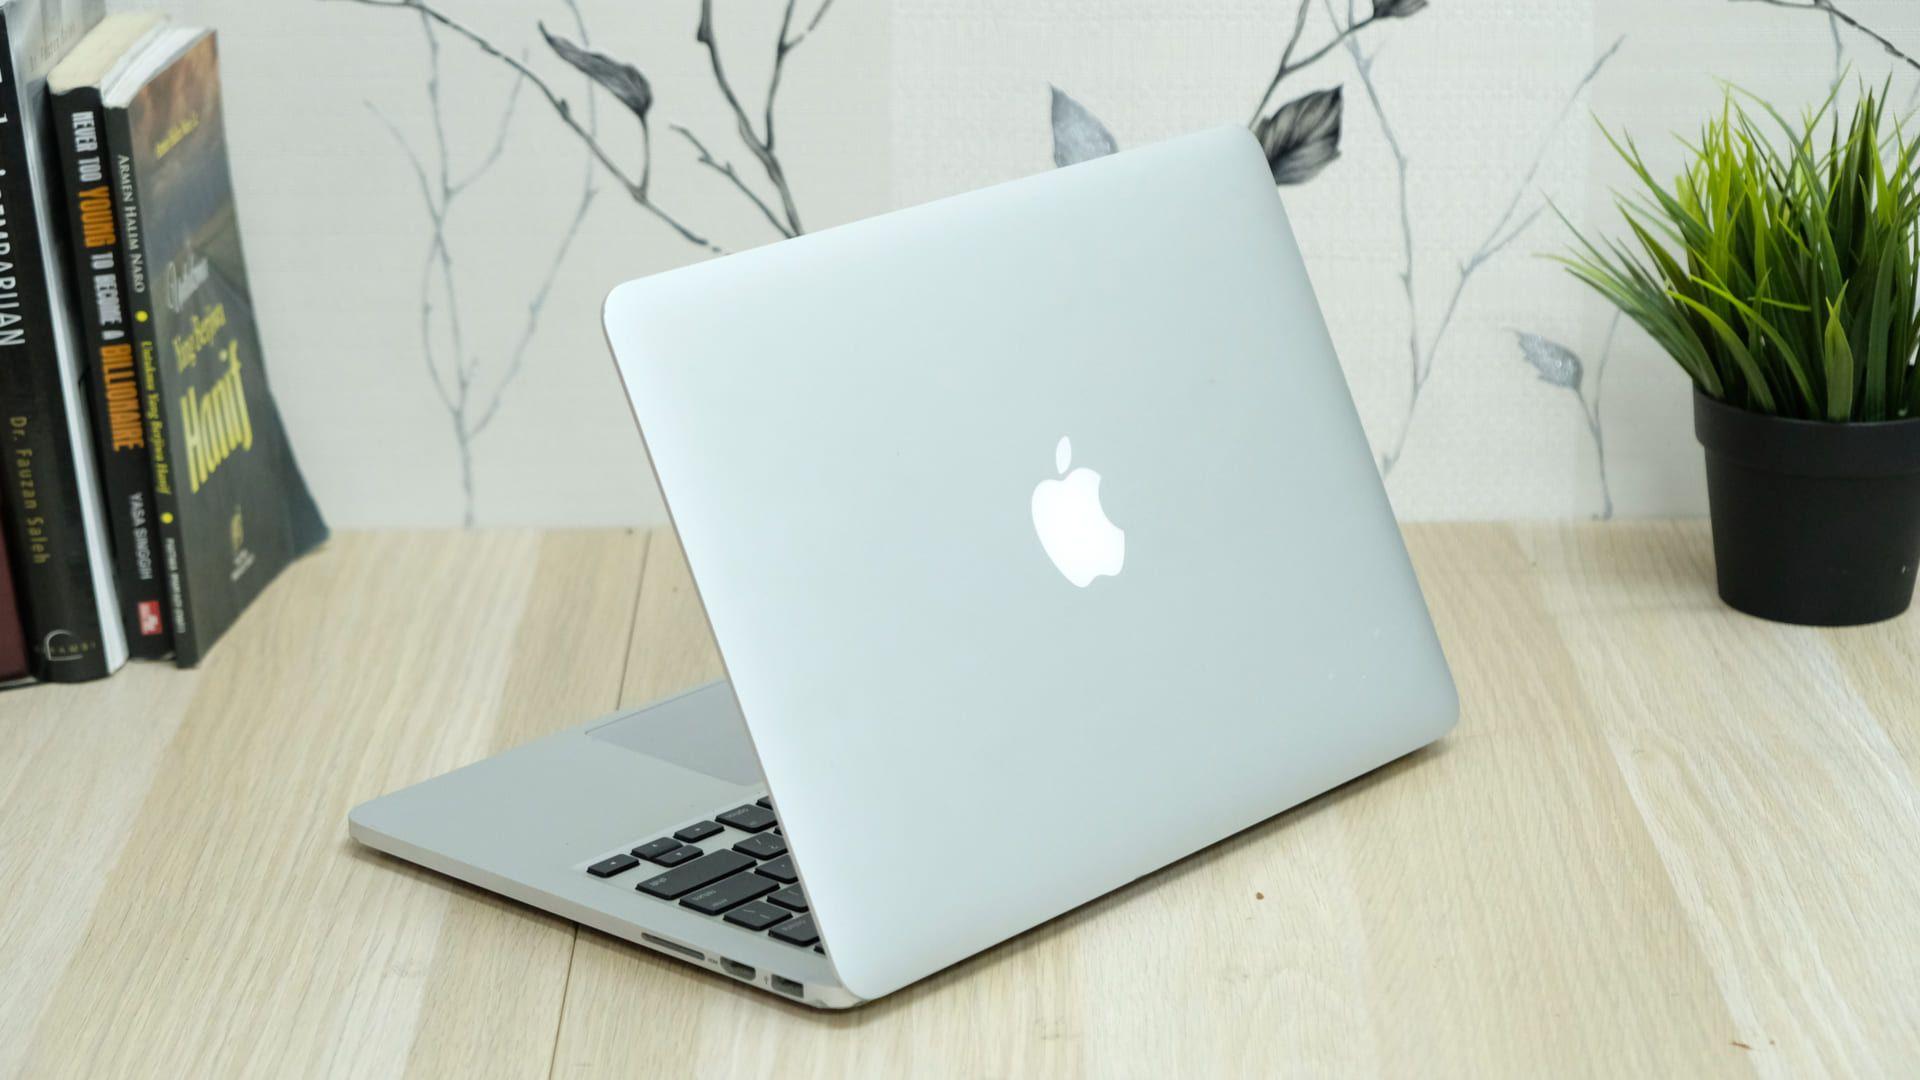 O MacBook é fino, compacto e tem construção em alumínio (Foto:Shutterstock)